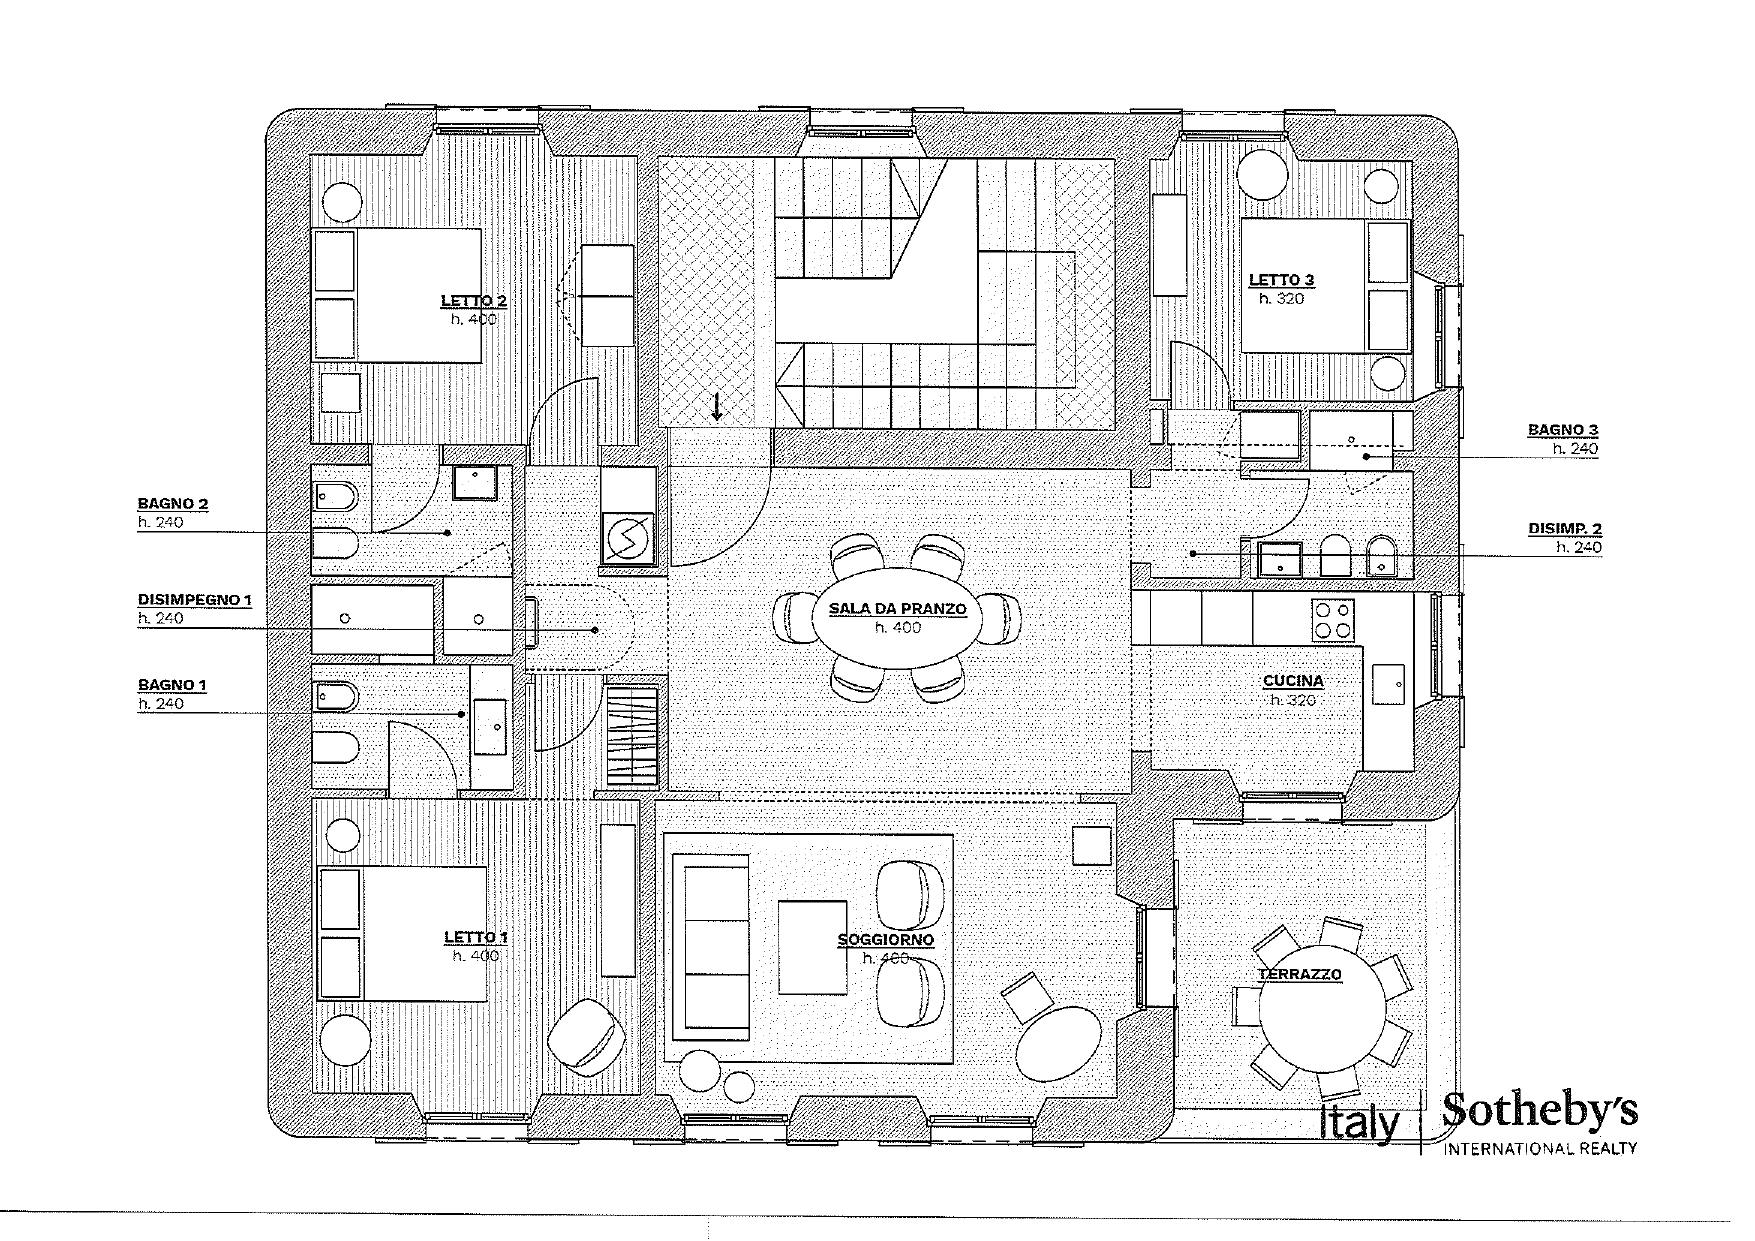 Appartamento in Vendita a Santa Margherita Ligure: 5 locali, 150 mq - Foto 24